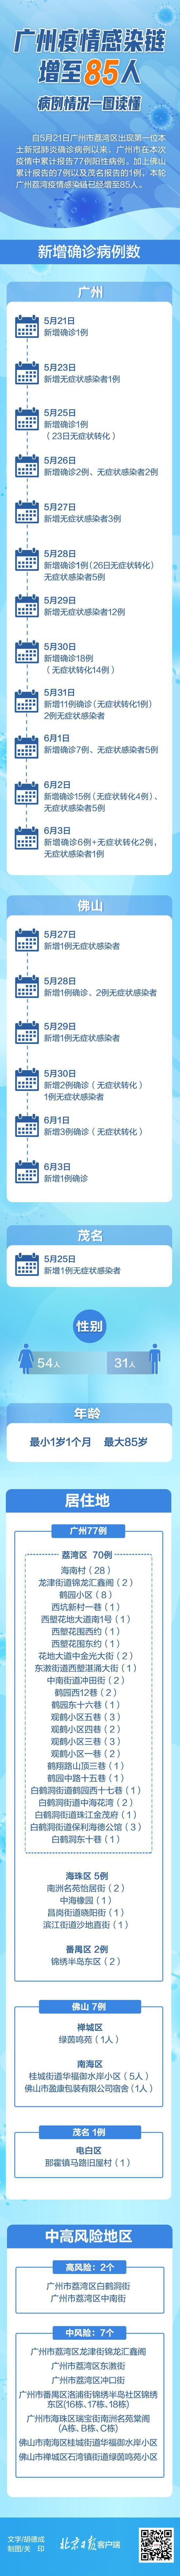 杏悦:广州疫情感染链增至85人杏悦图片